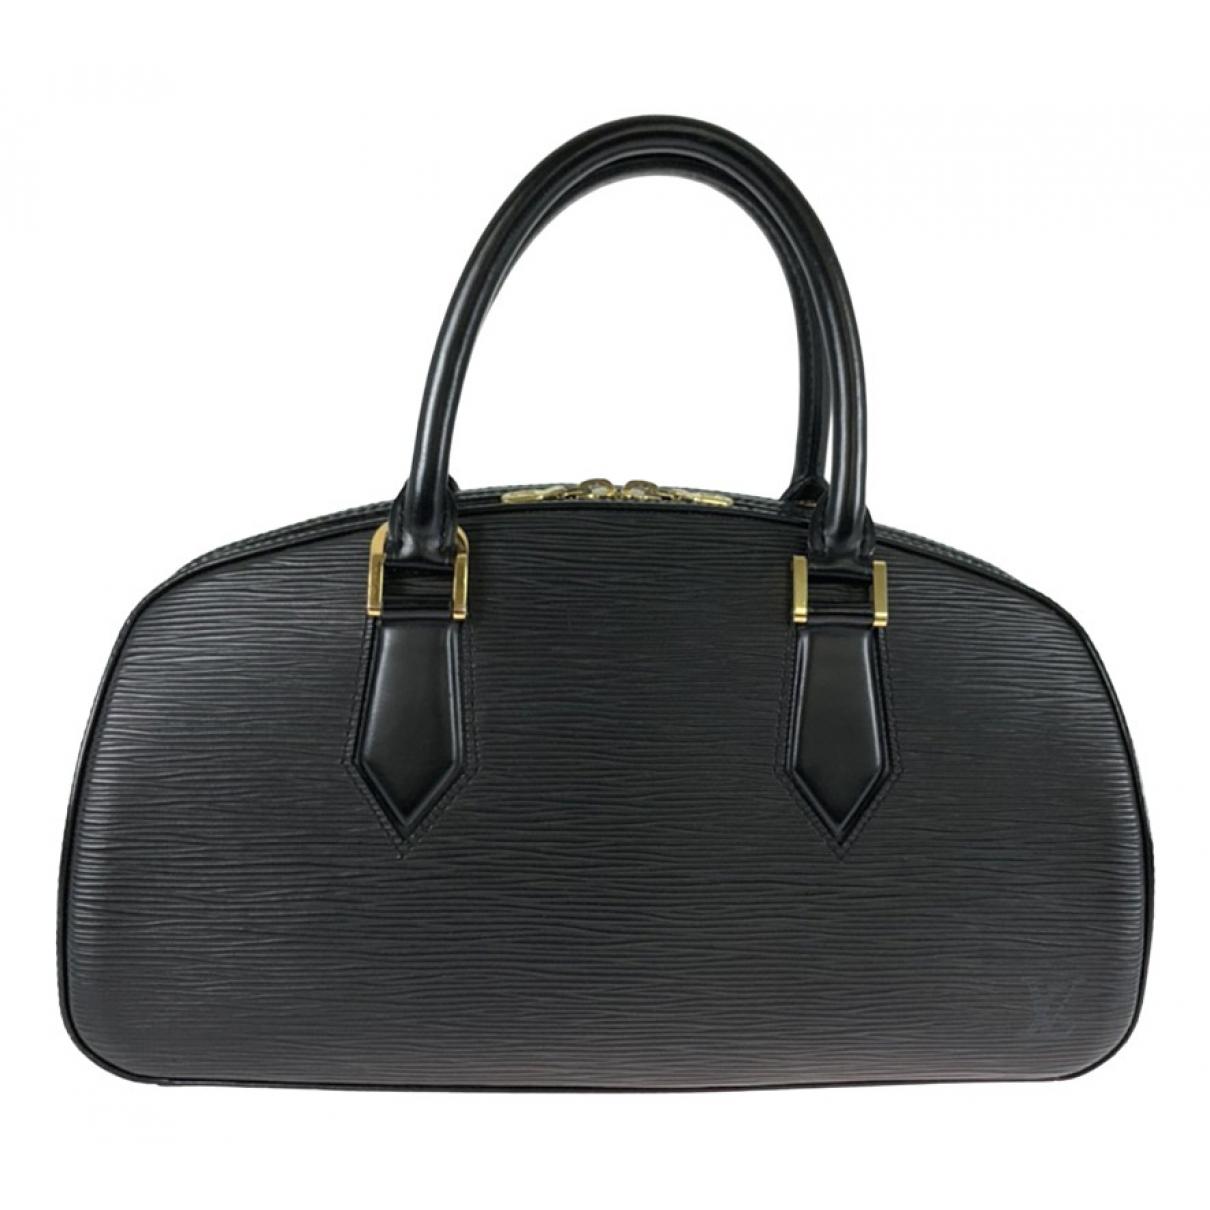 Louis Vuitton - Sac a main Jasmin pour femme en cuir - noir